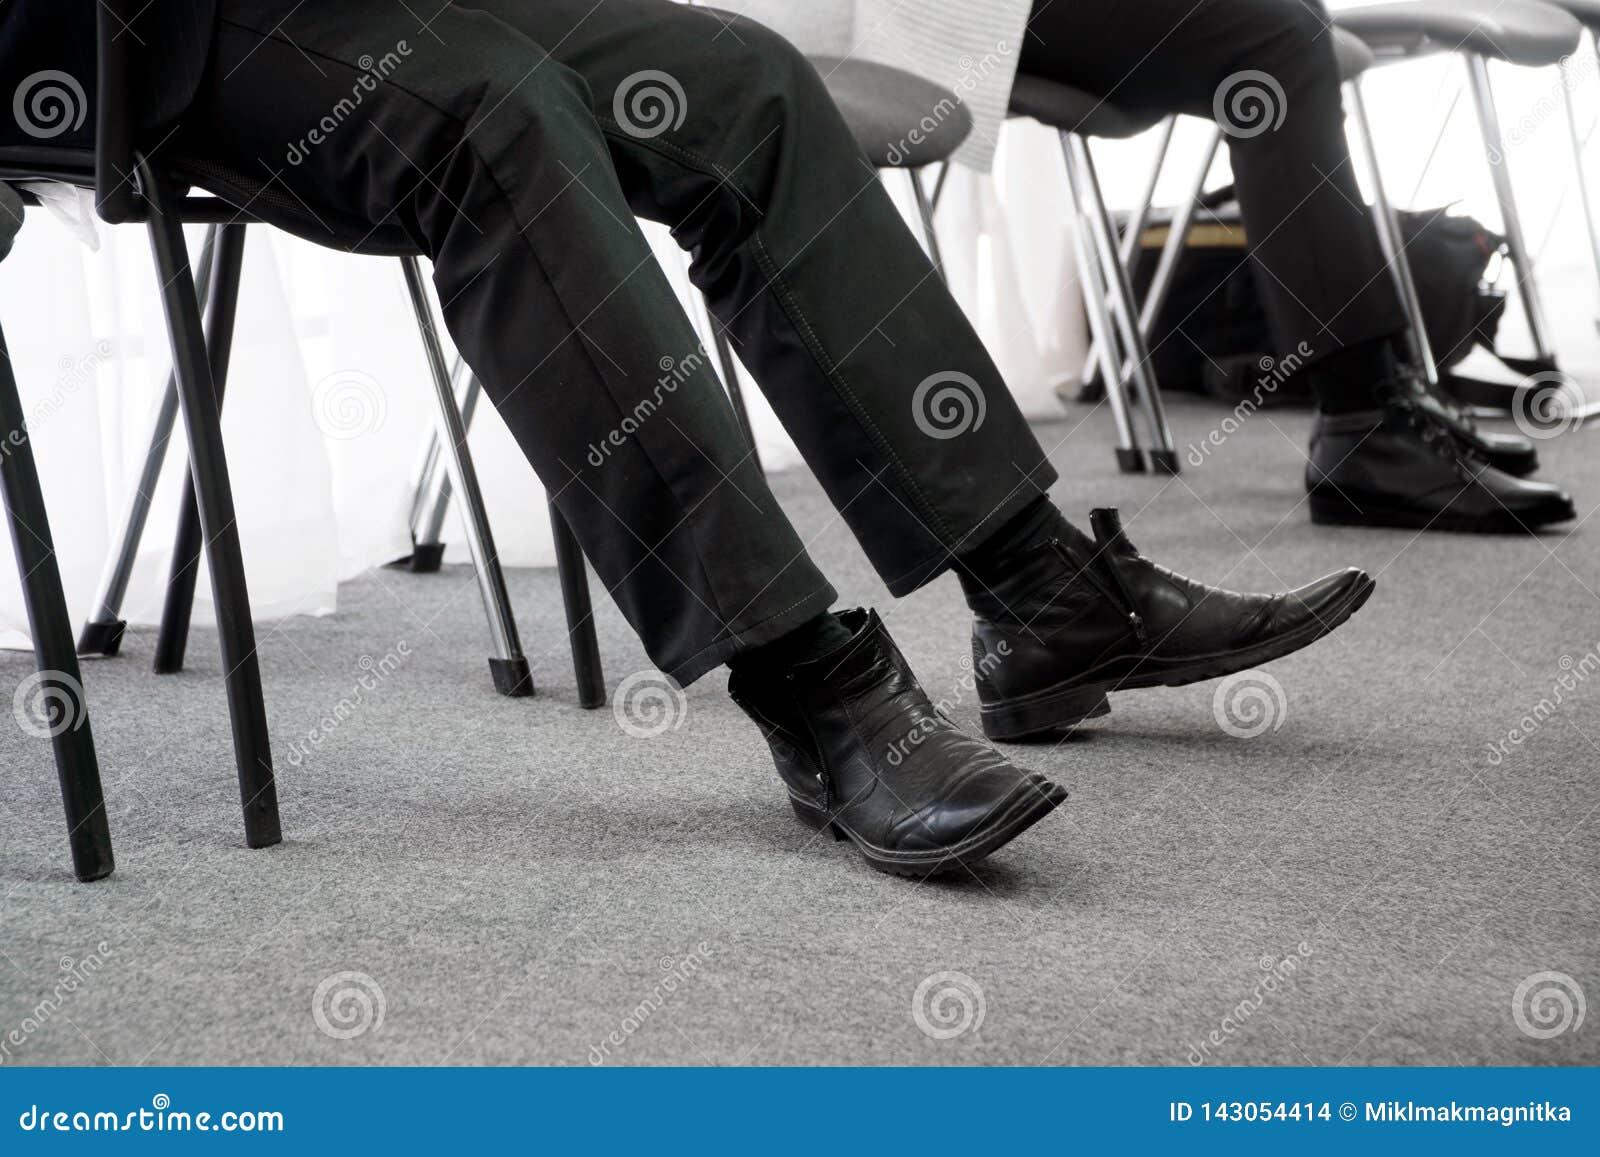 La gente parada espera su vuelta una entrevista, sentándose en sillas de la oficina en el vestíbulo Búsqueda del desempleo y de t